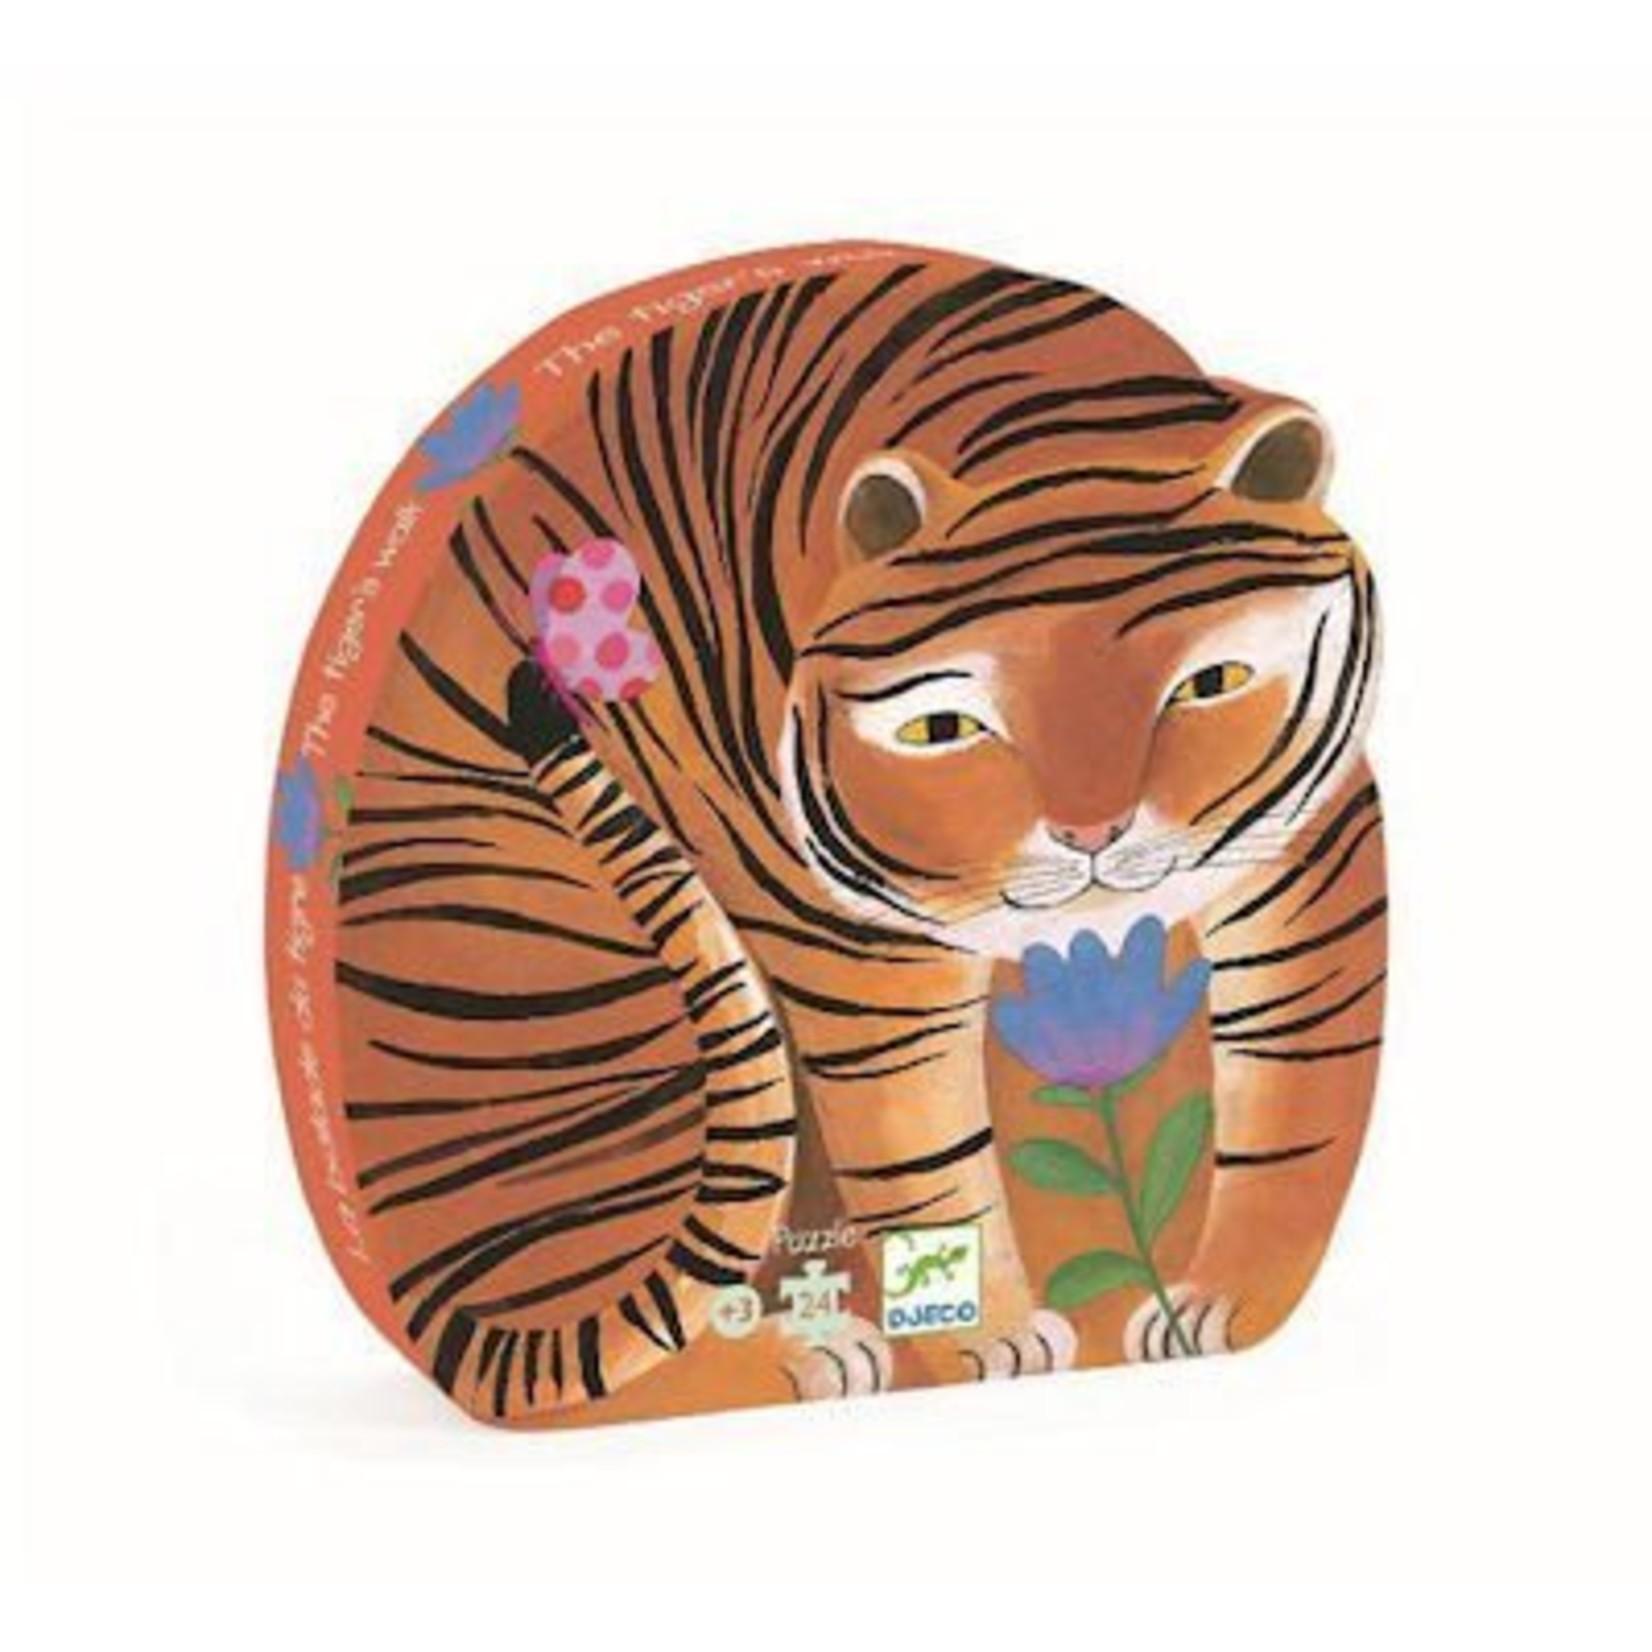 Djeco Puzzel De wandeling van de tijger 24 stukjes